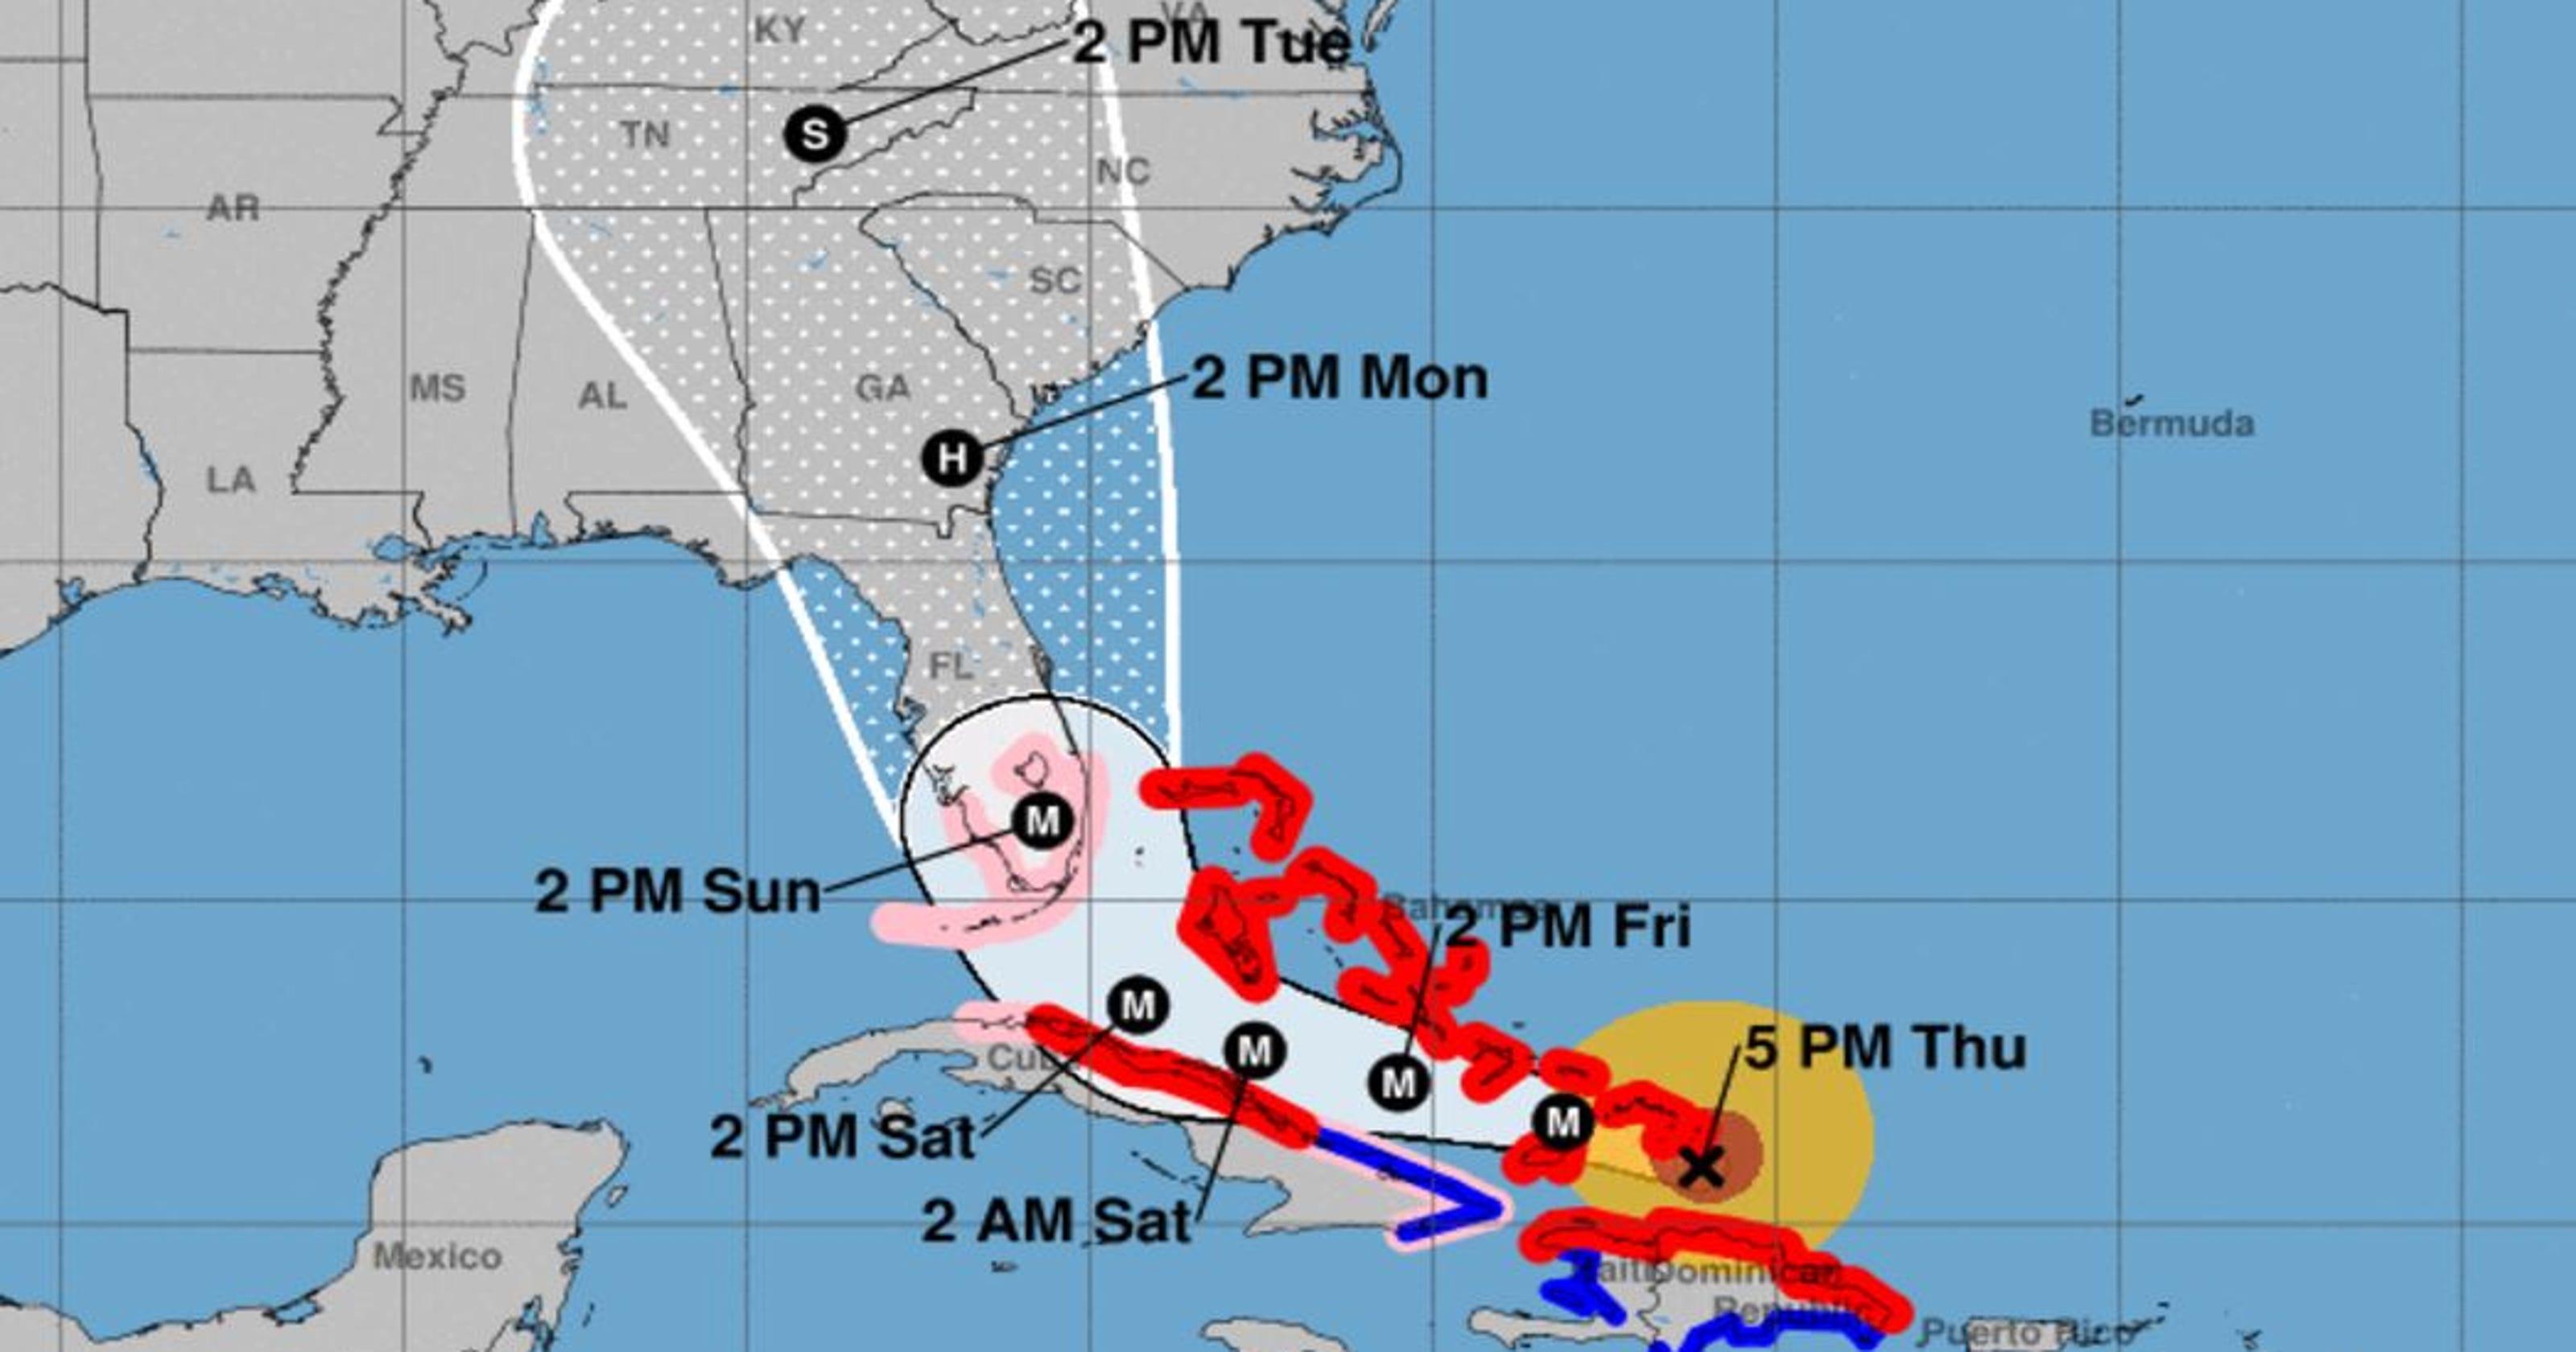 Hurricane Irma 8 p m  update: Storm maintains strength